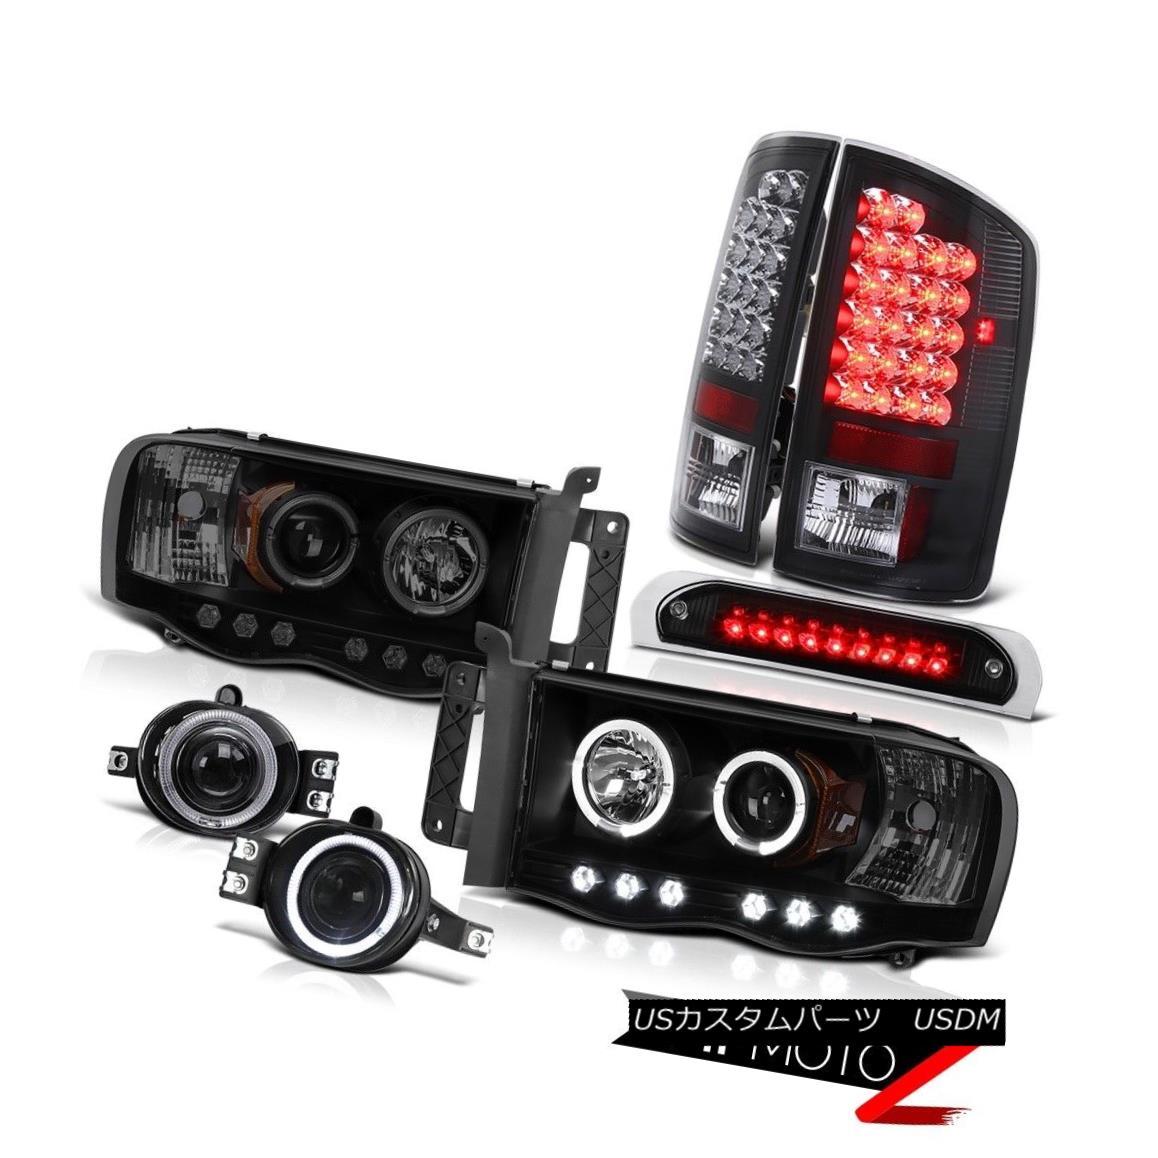 テールライト 2002-2005 Dodge Ram SINSTER BLACK Headlight LED Taillamp Projector Fog 3rd Brake 2002-2005 Dodge Ram SINISTER BLACKヘッドライトLEDテールランププロジェクターフォグ3rdブレーキ